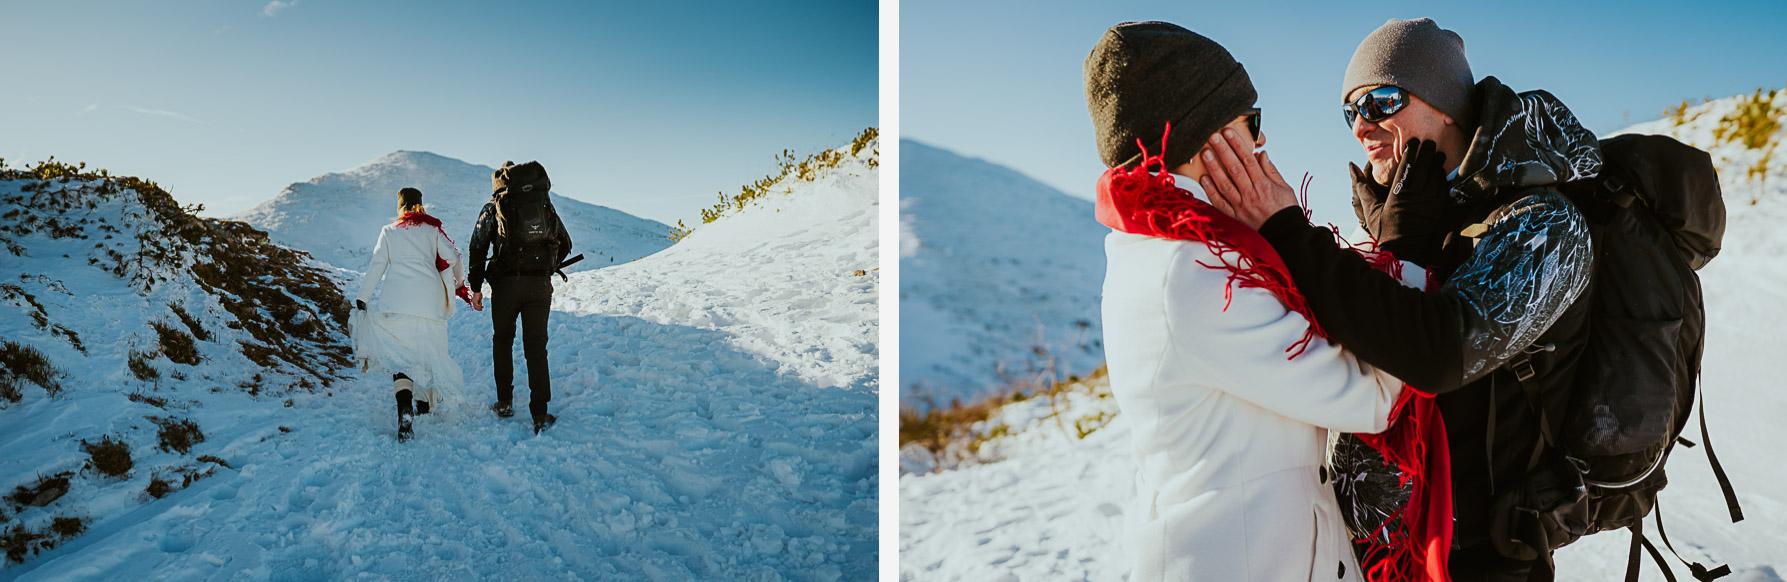 sesja slubna w gorach zima mala fatra 021